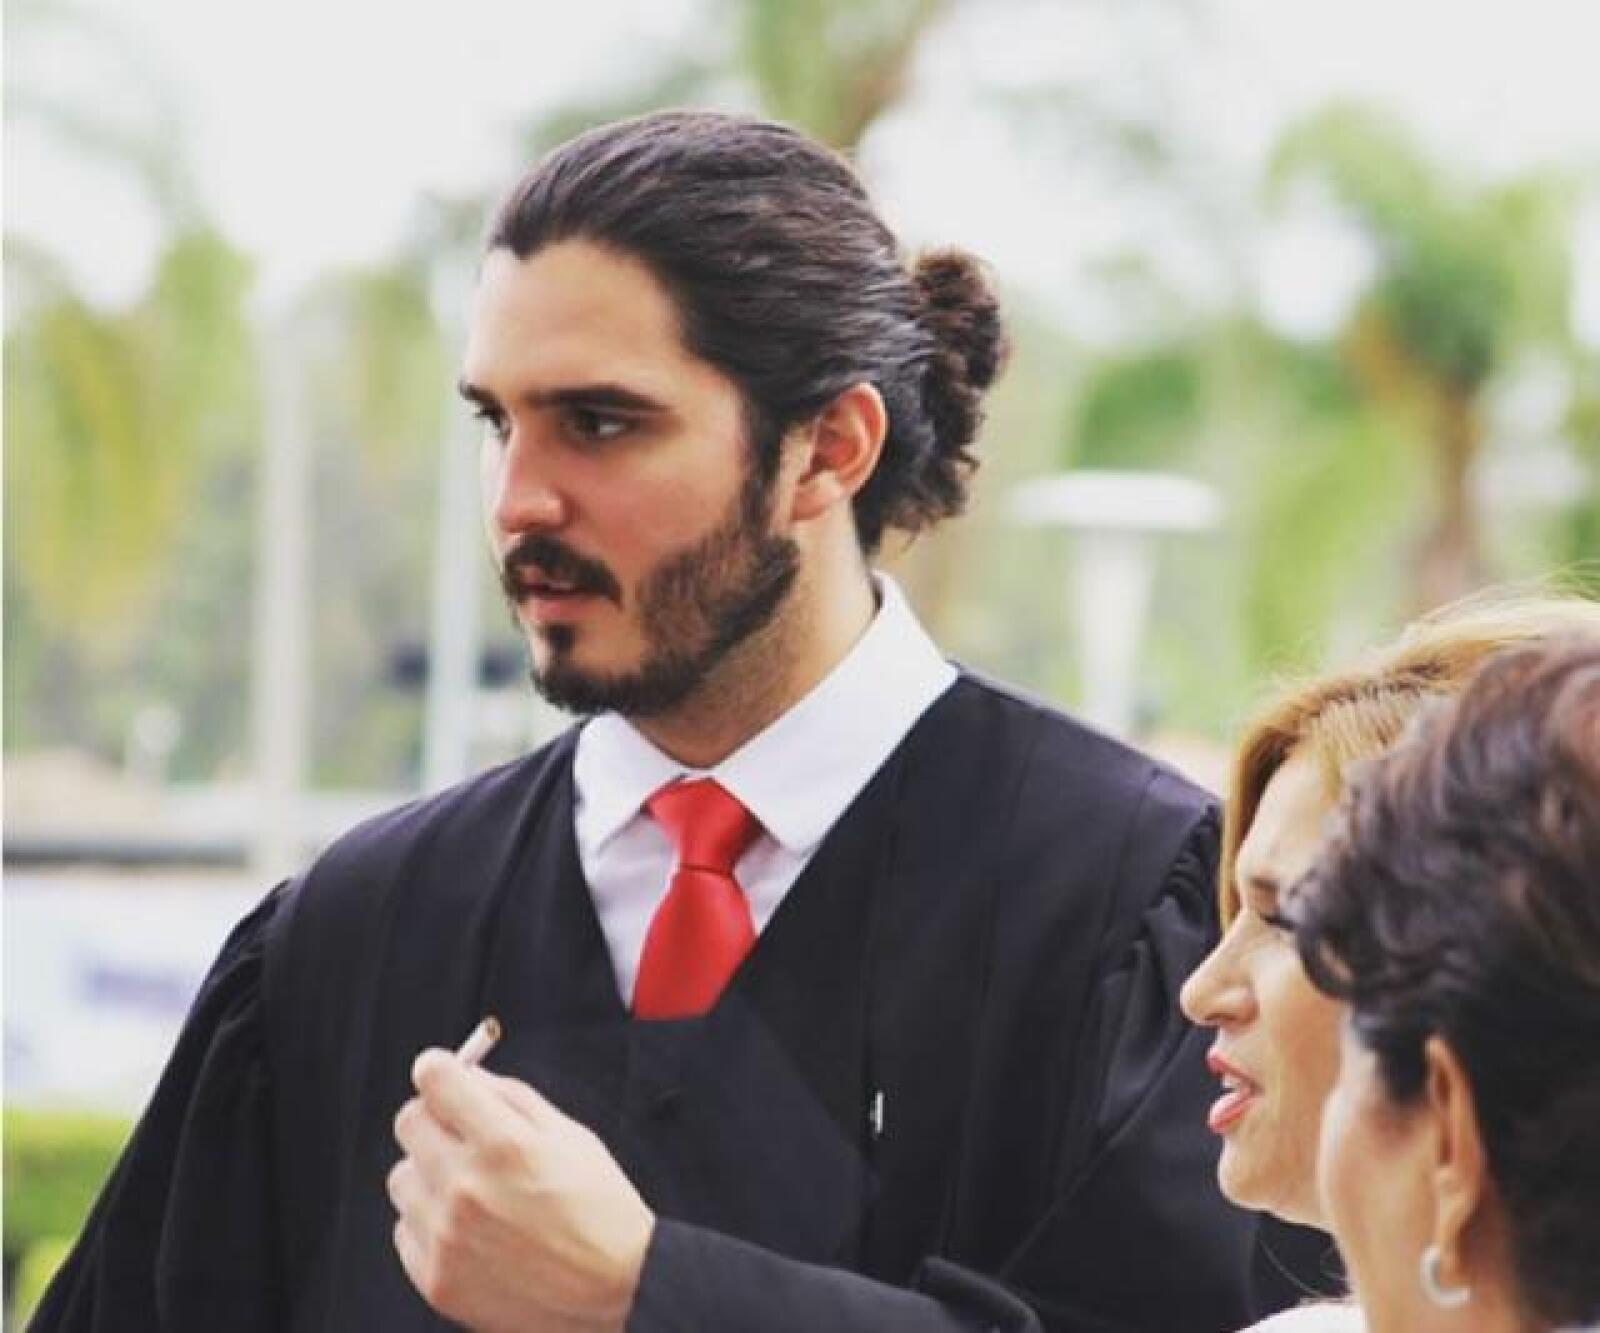 César Bastidas - A Cesar no le basta con solo vestirse bien, si no que sabe combinar a la perfección cuando dejarse el bigote para cada ocasión.